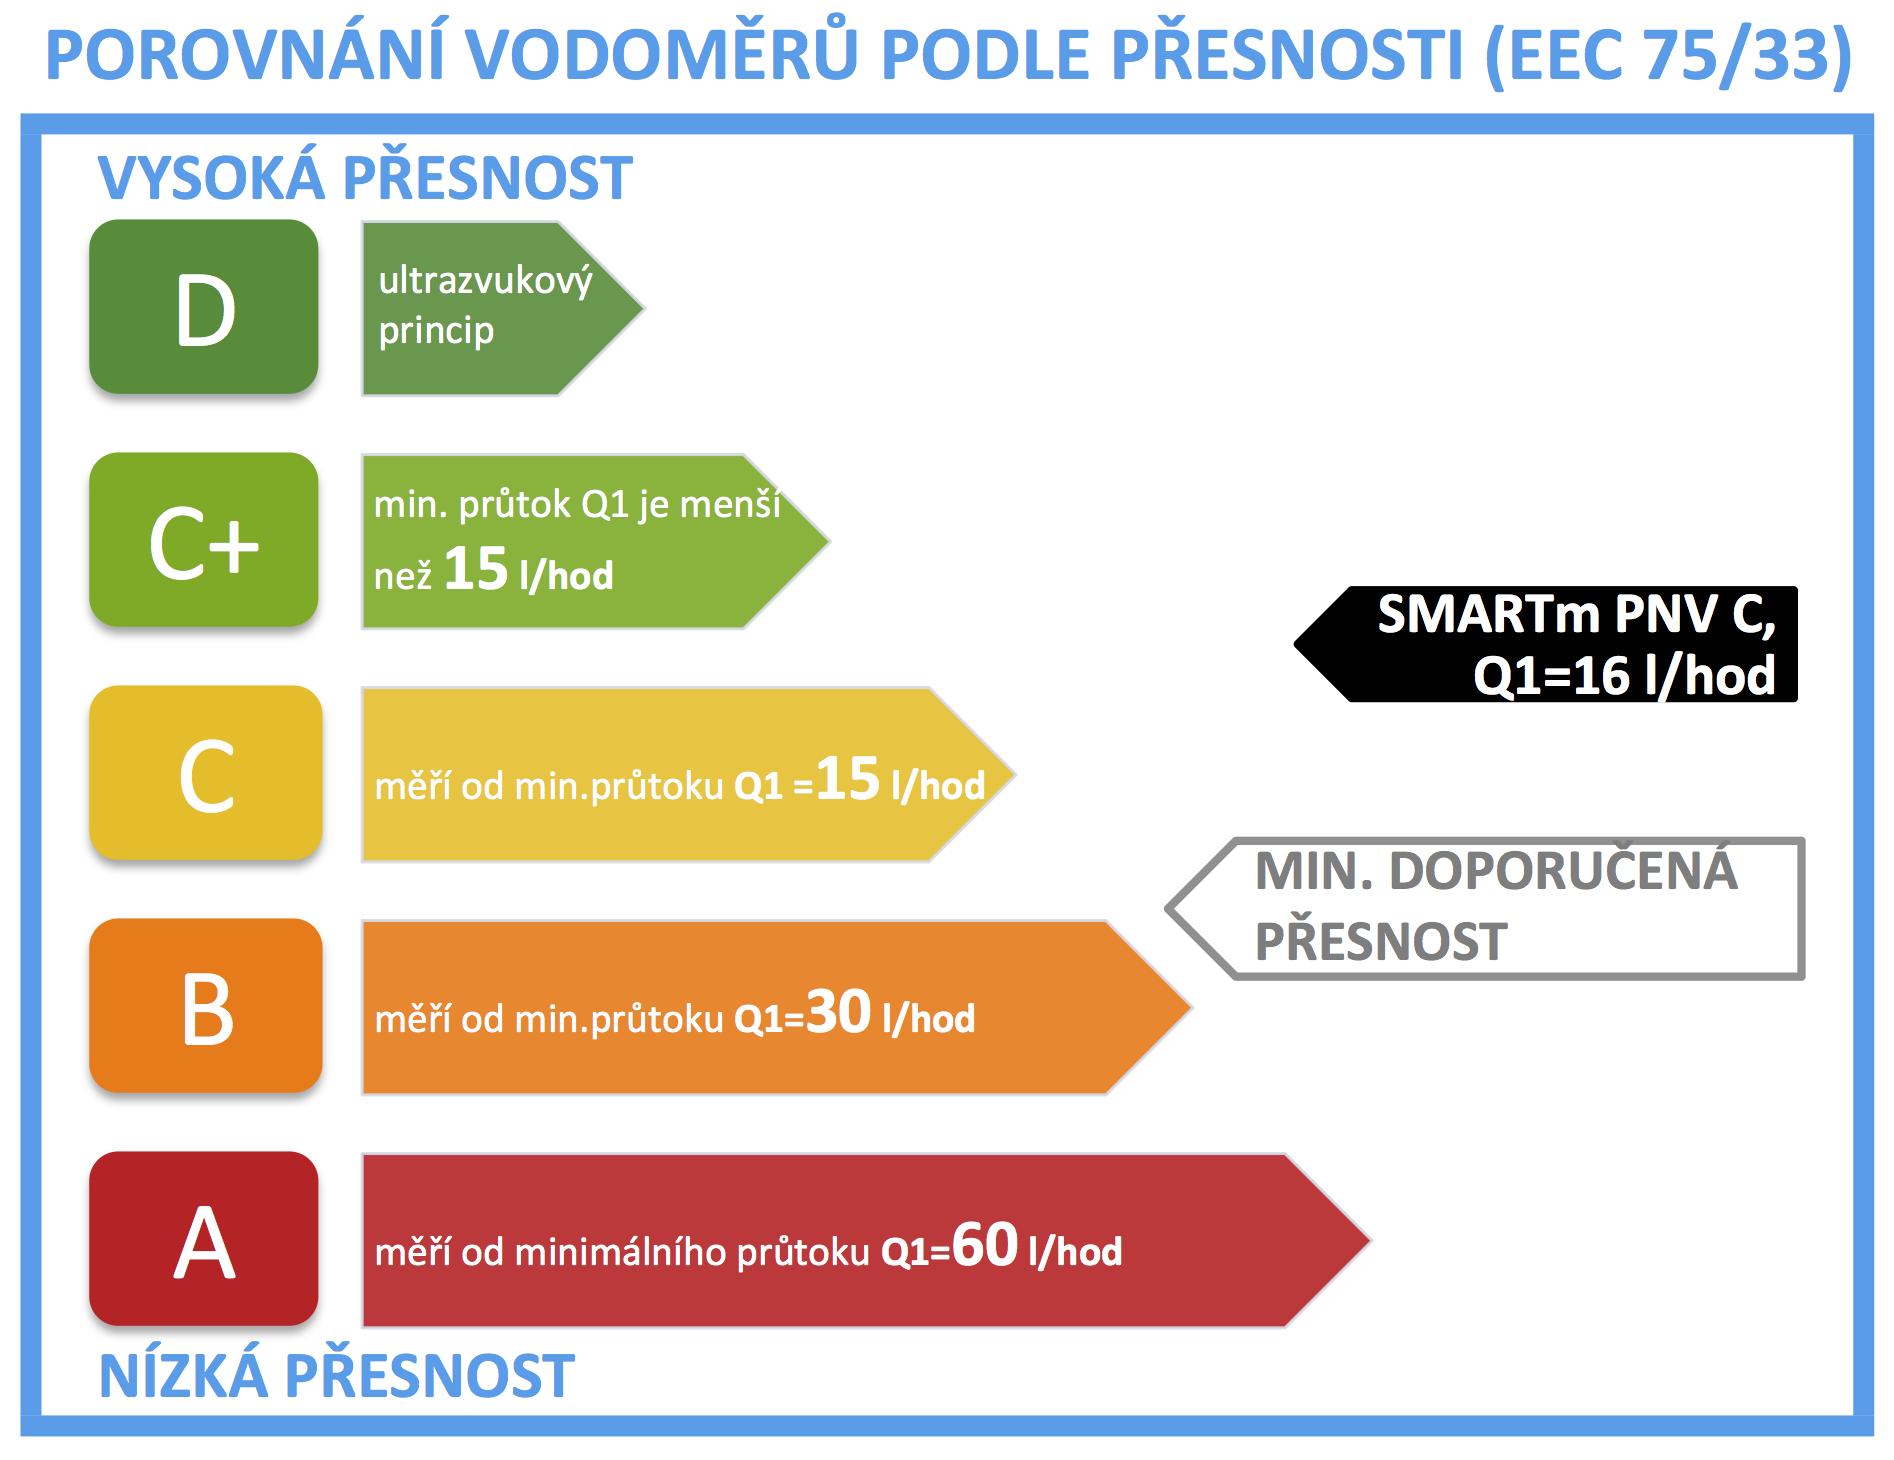 štítek přesnosti vodoměru SMARTm PNV C